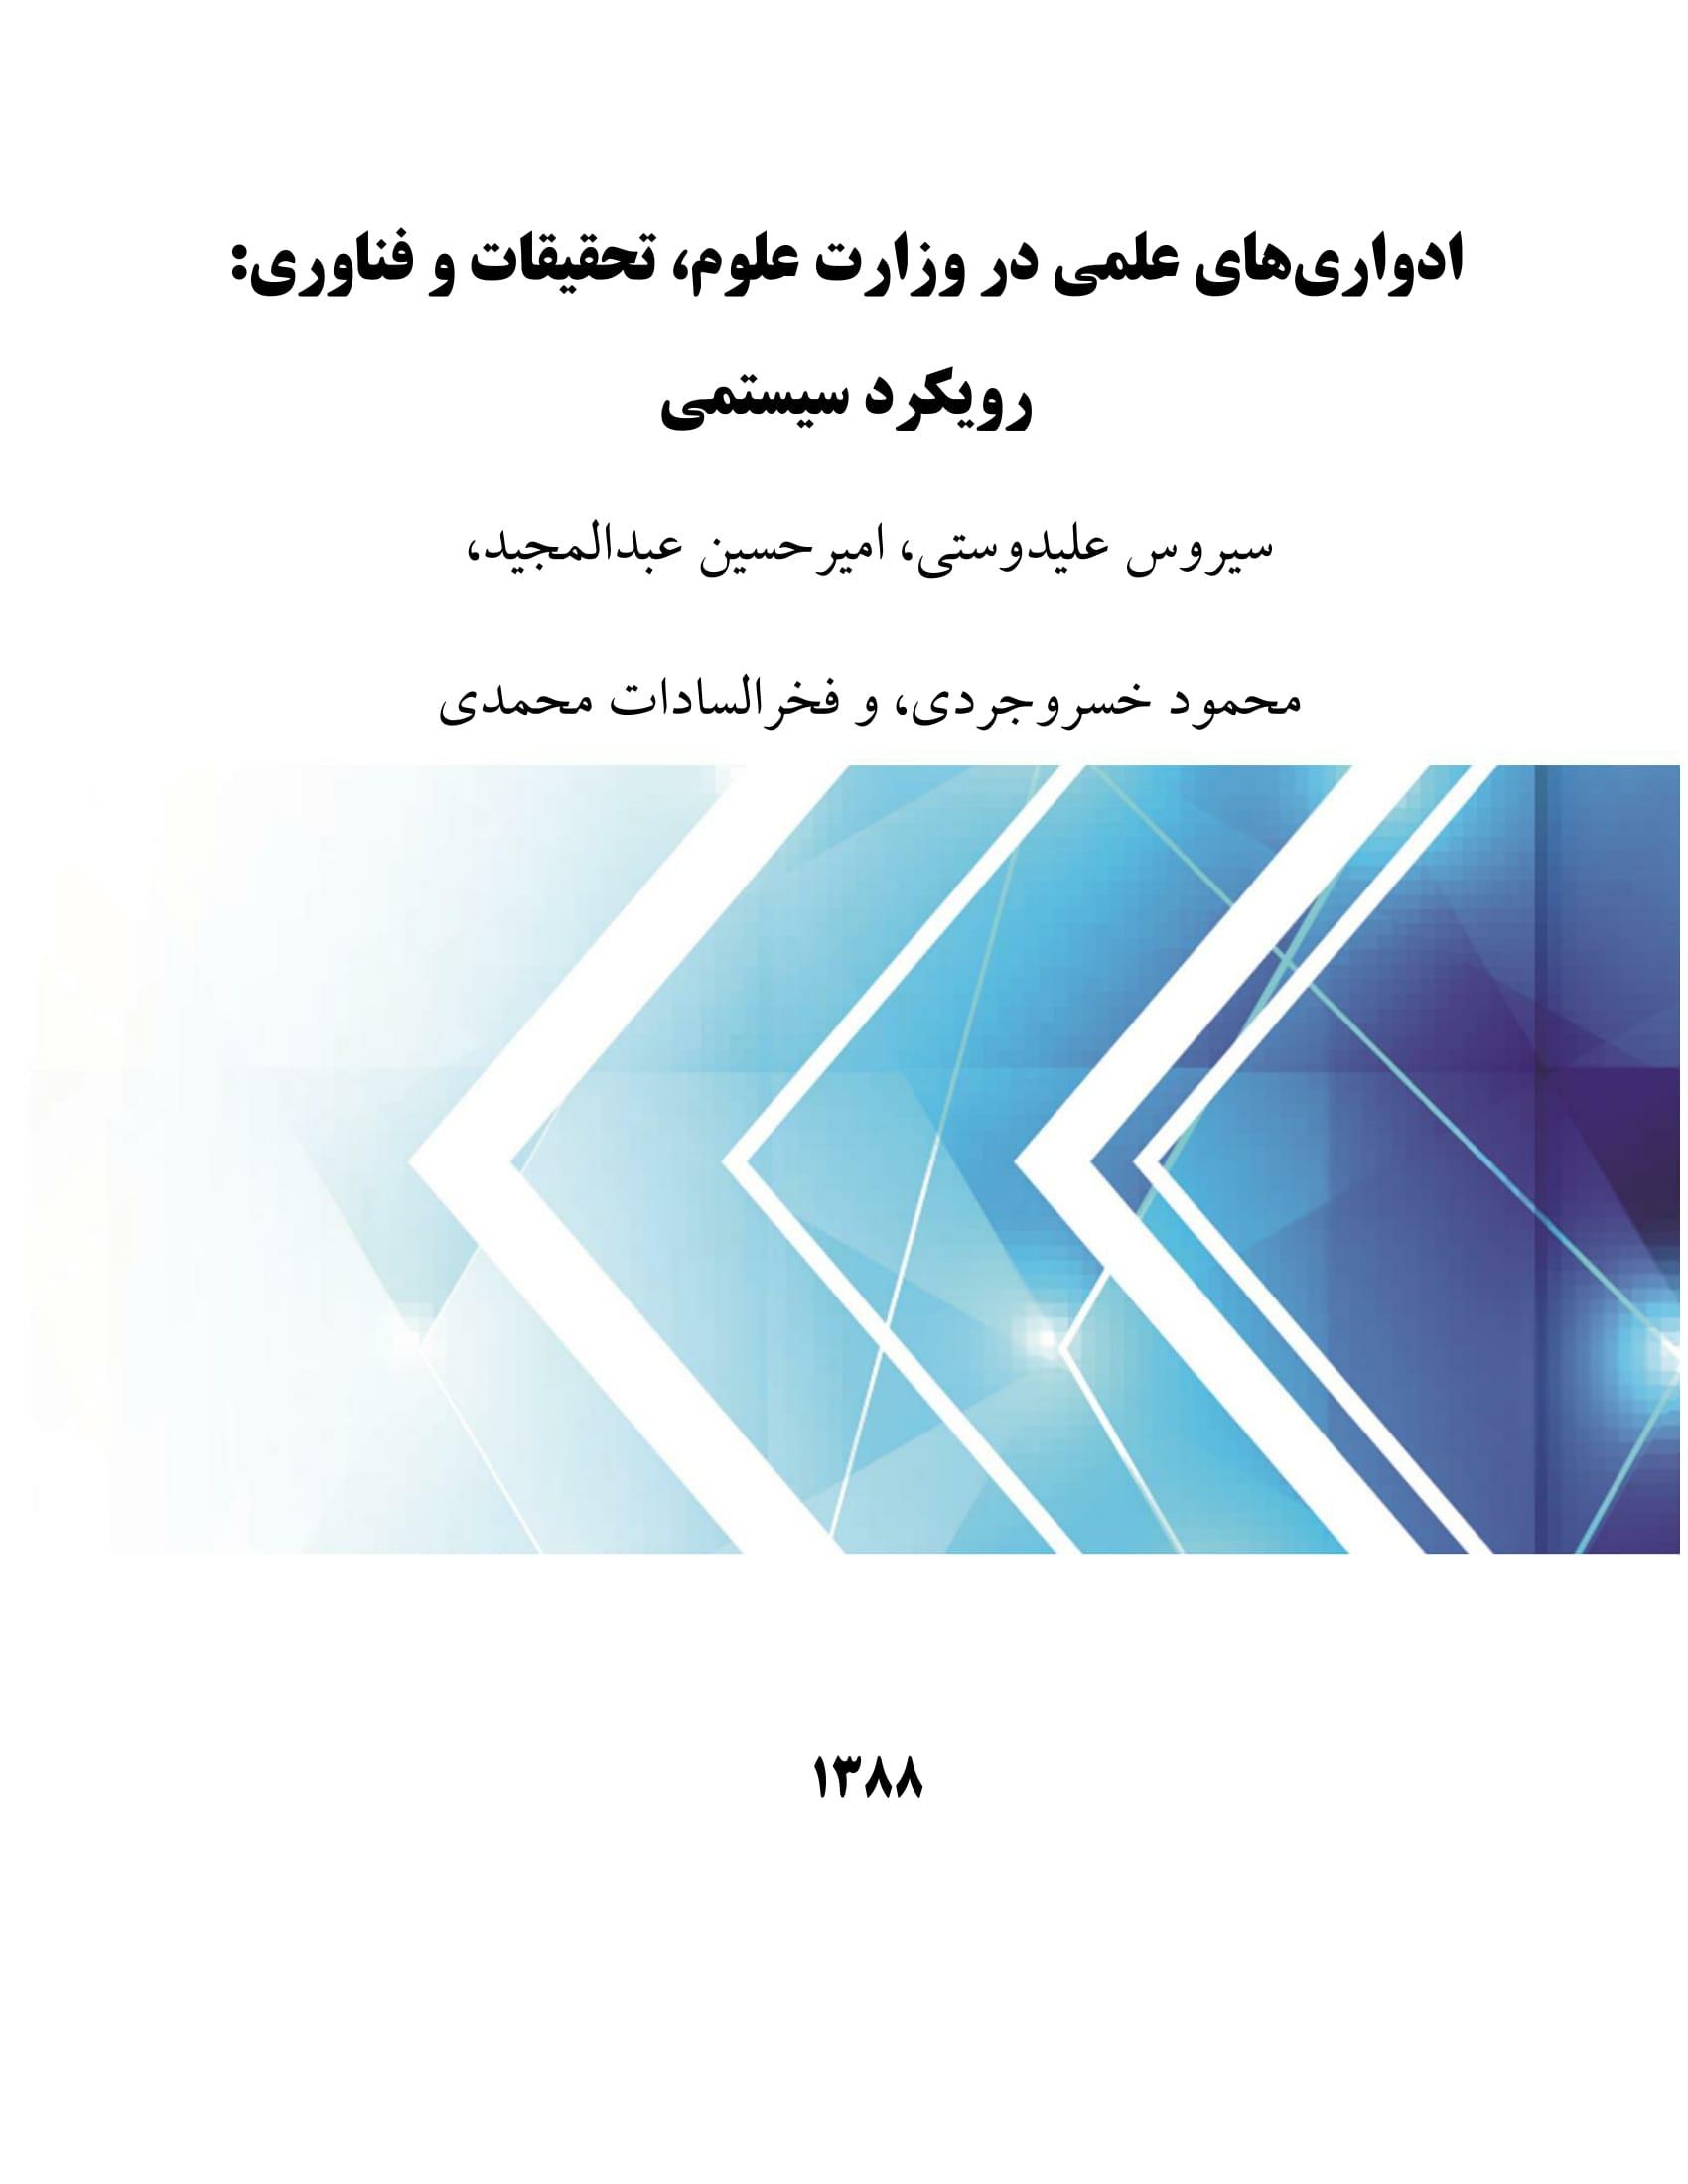 ادواریهای علمی در وزارت علوم، تحقیقات و فناوری: رویکرد سیستمی